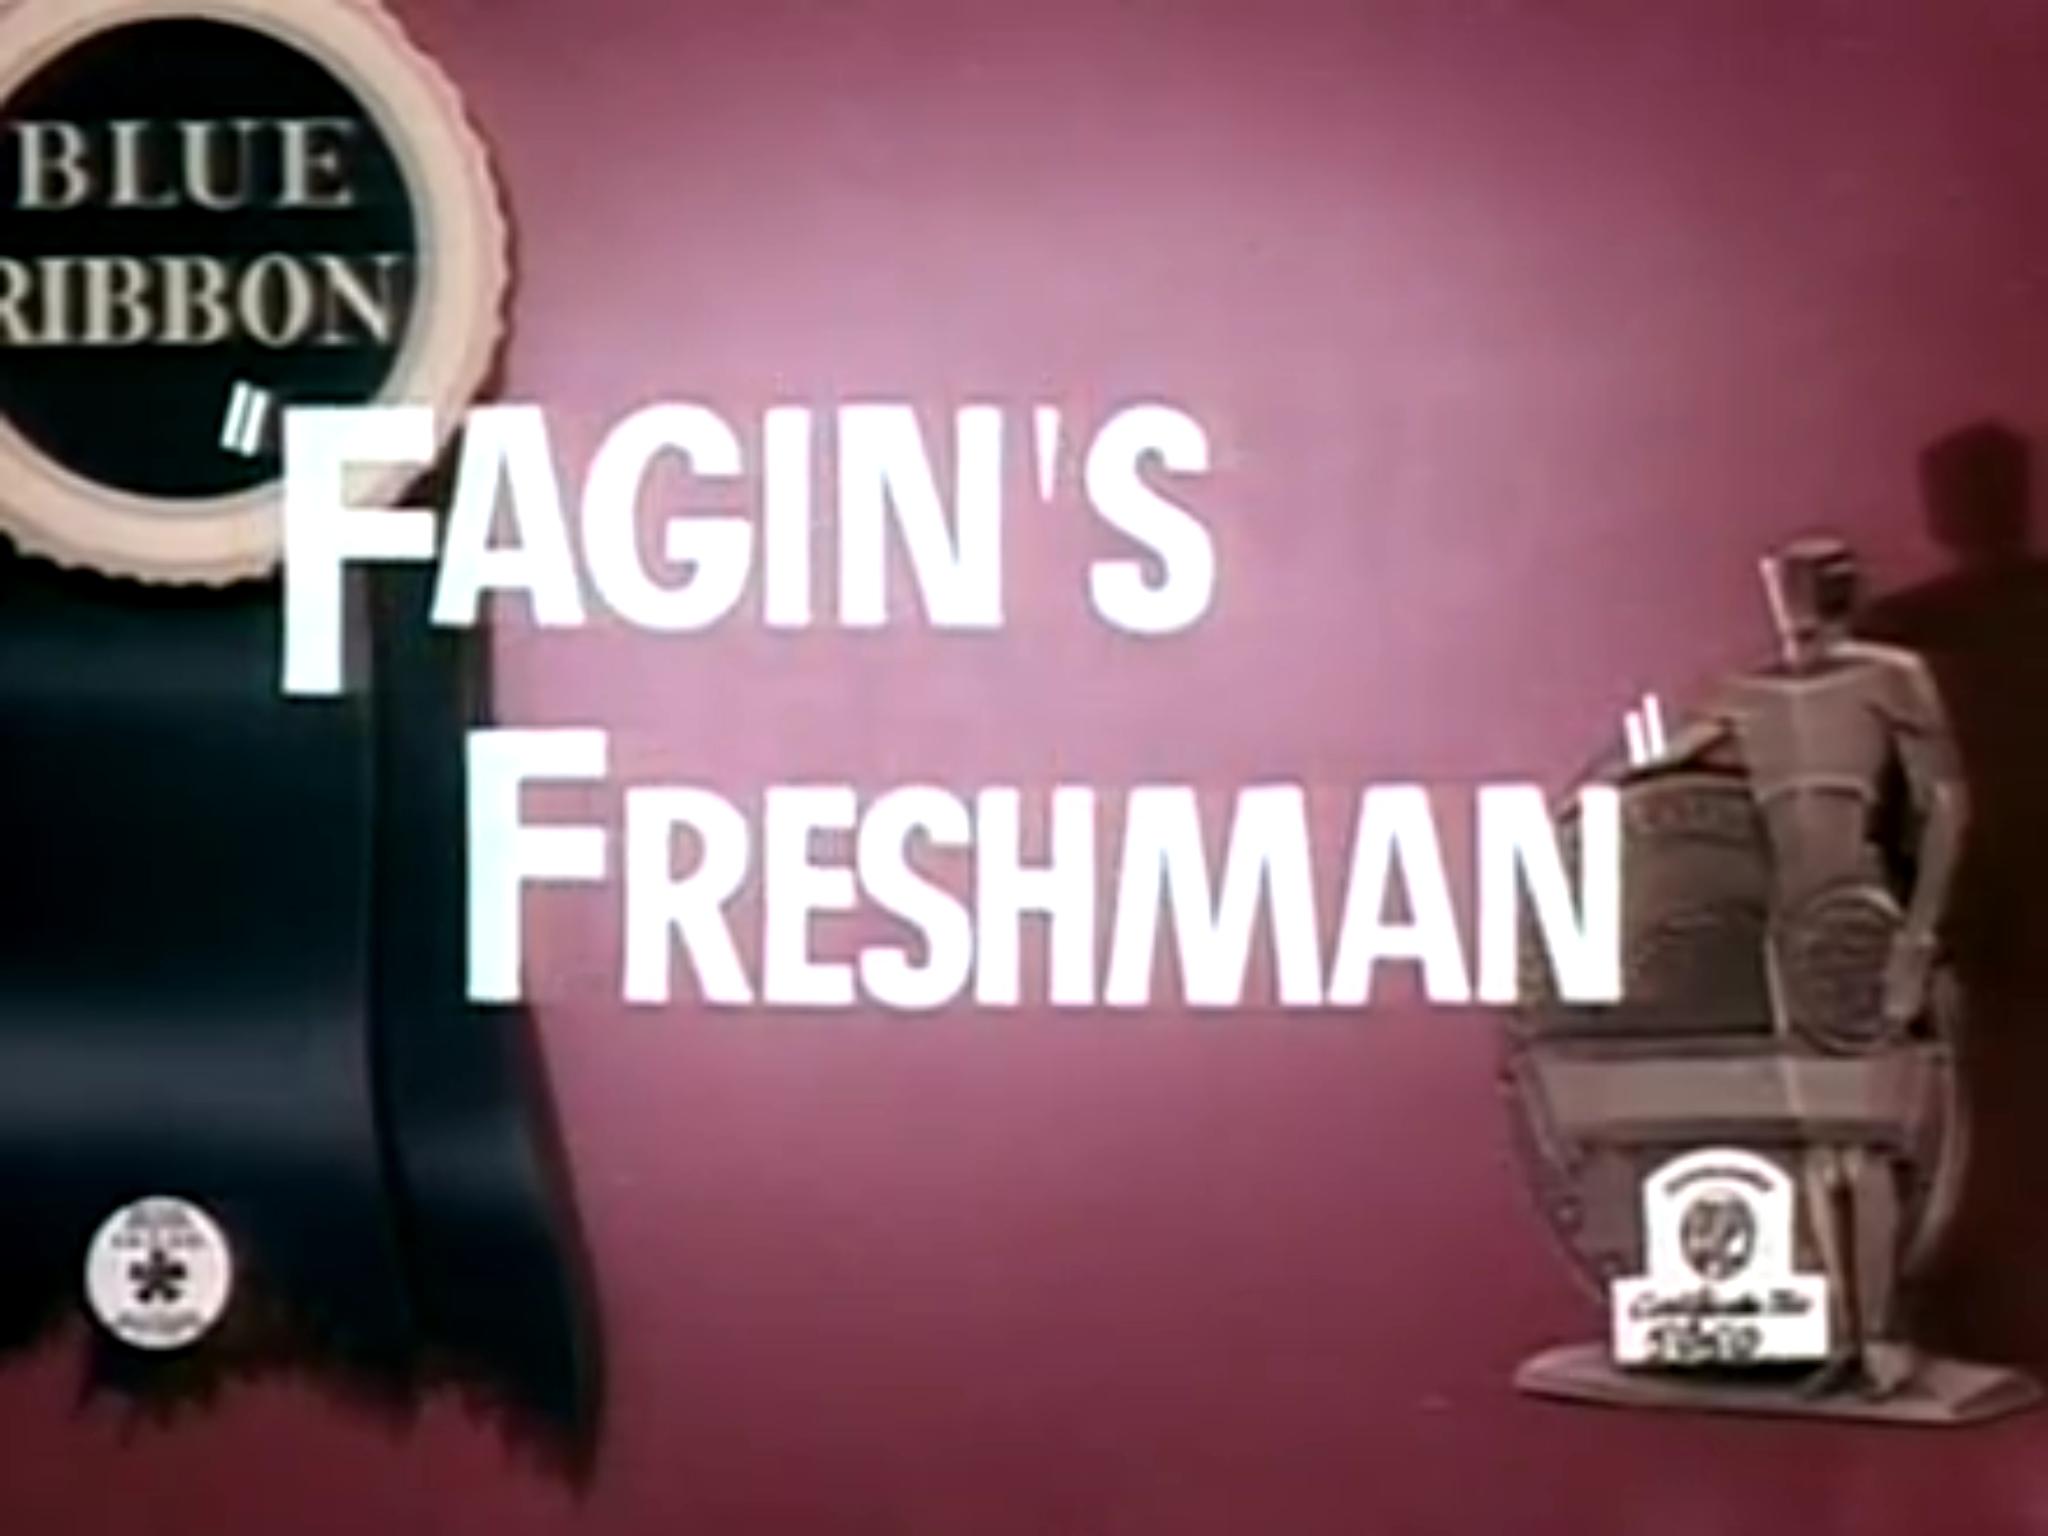 Fagin's Freshman